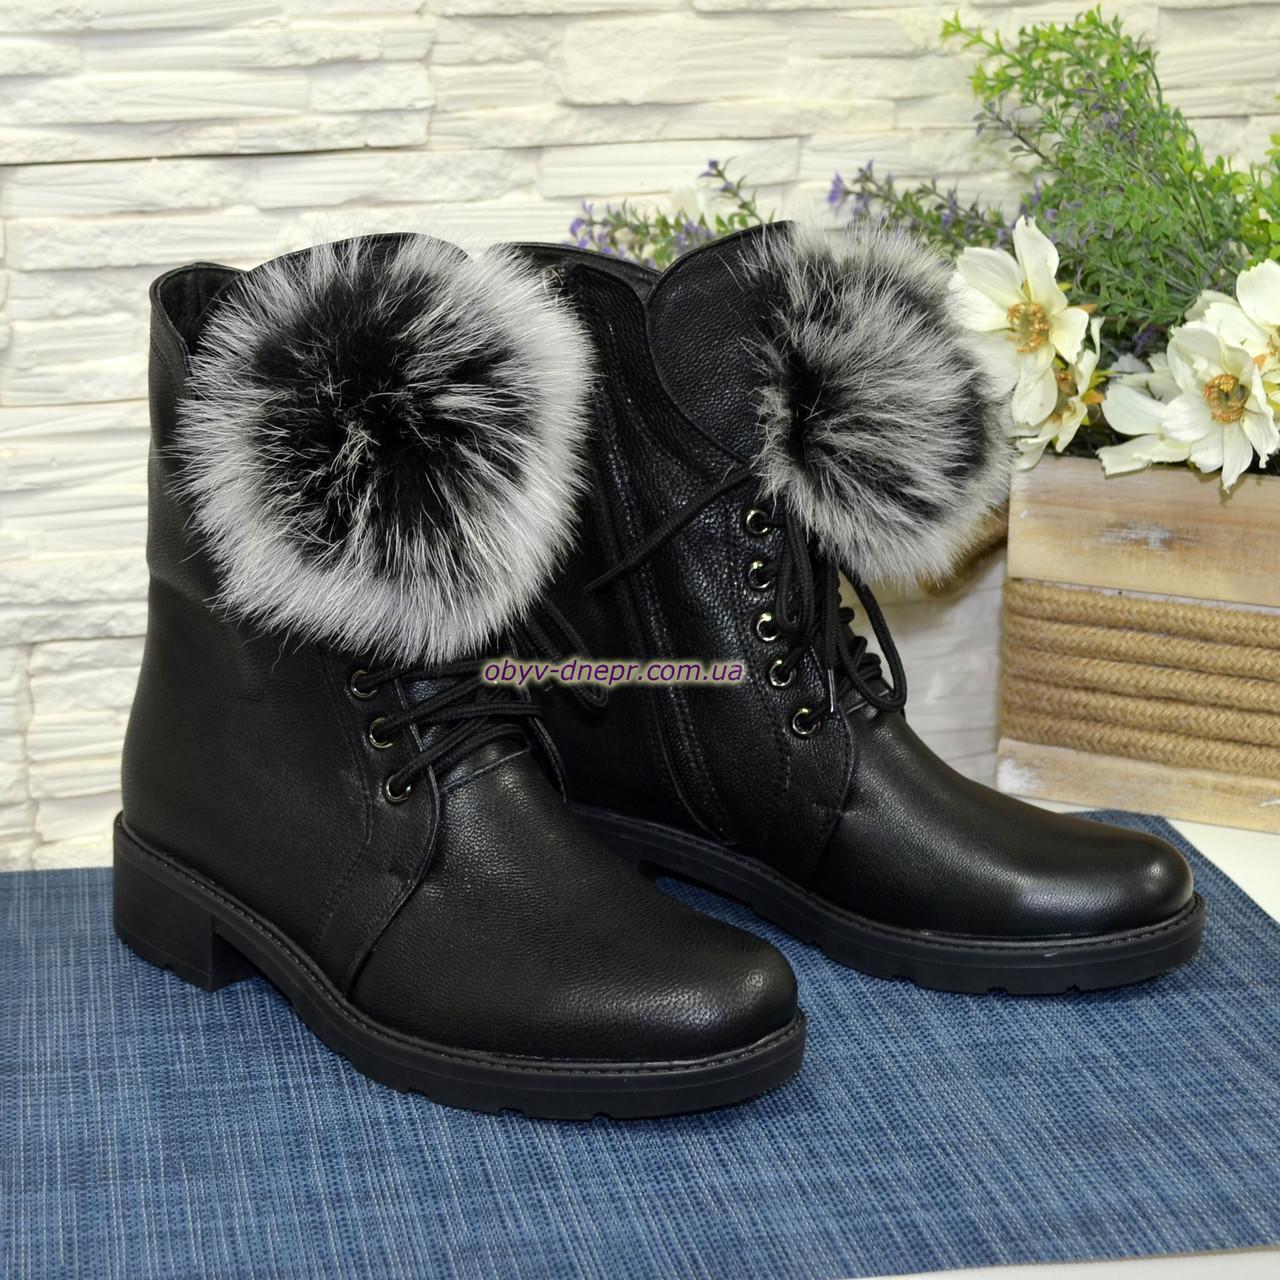 Черевики жіночі шкіряні на шнурках, колір чорний